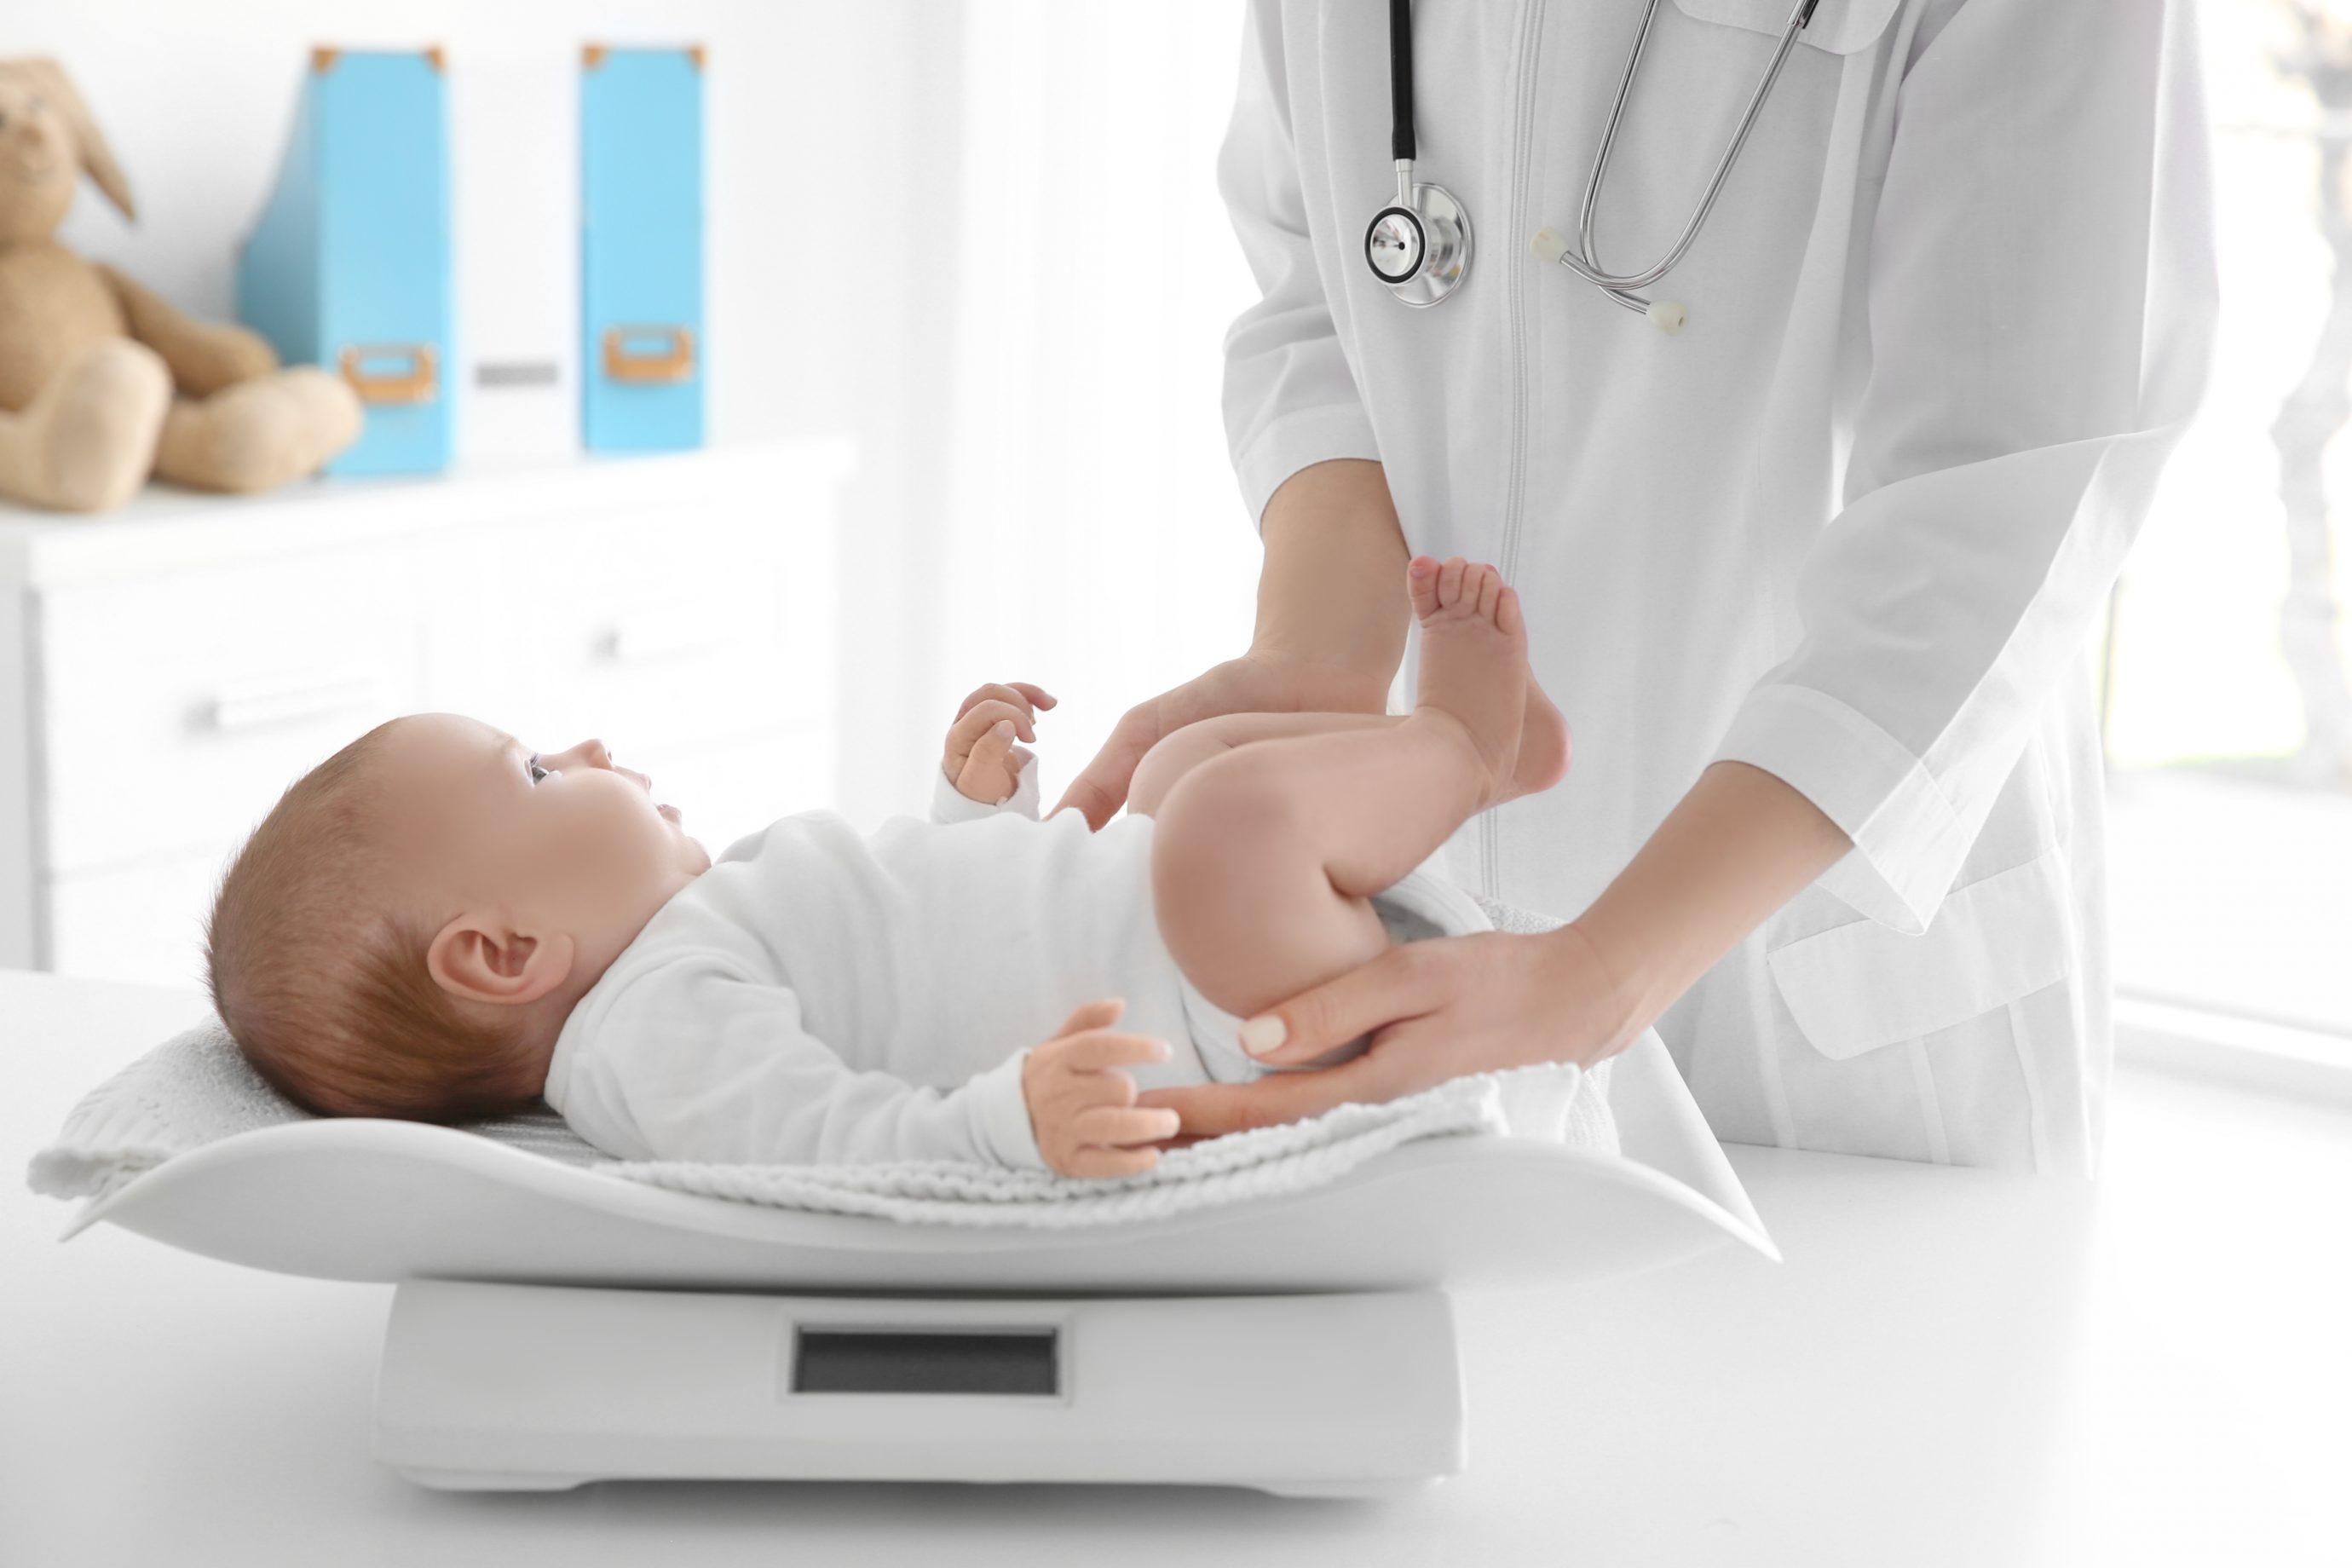 Nagyon elhízott nők: Fogyás az egészséges baba terhességében